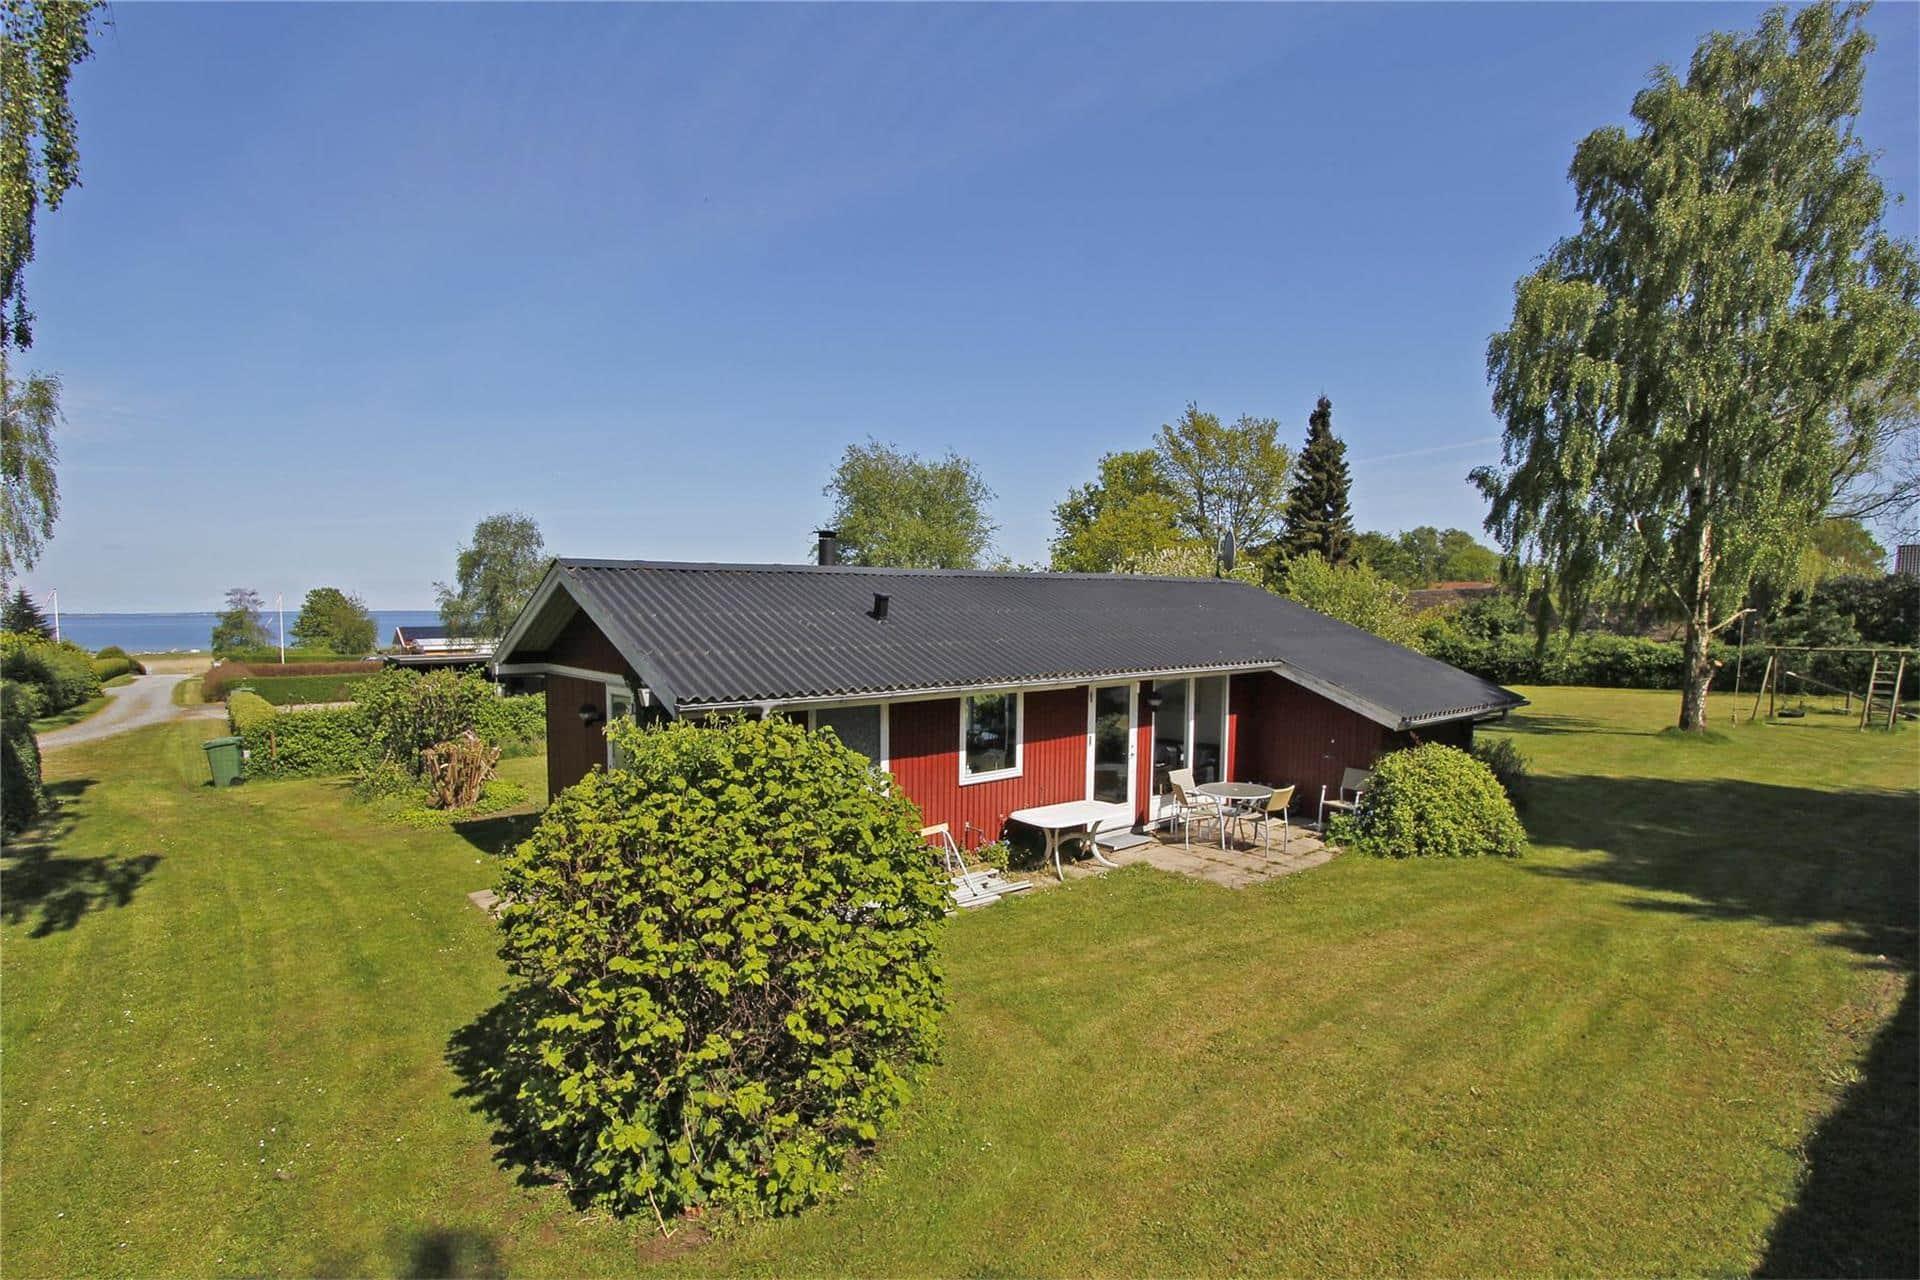 Image 1-19 Holiday-home 40317, Åbakken 18, DK - 7130 Juelsminde